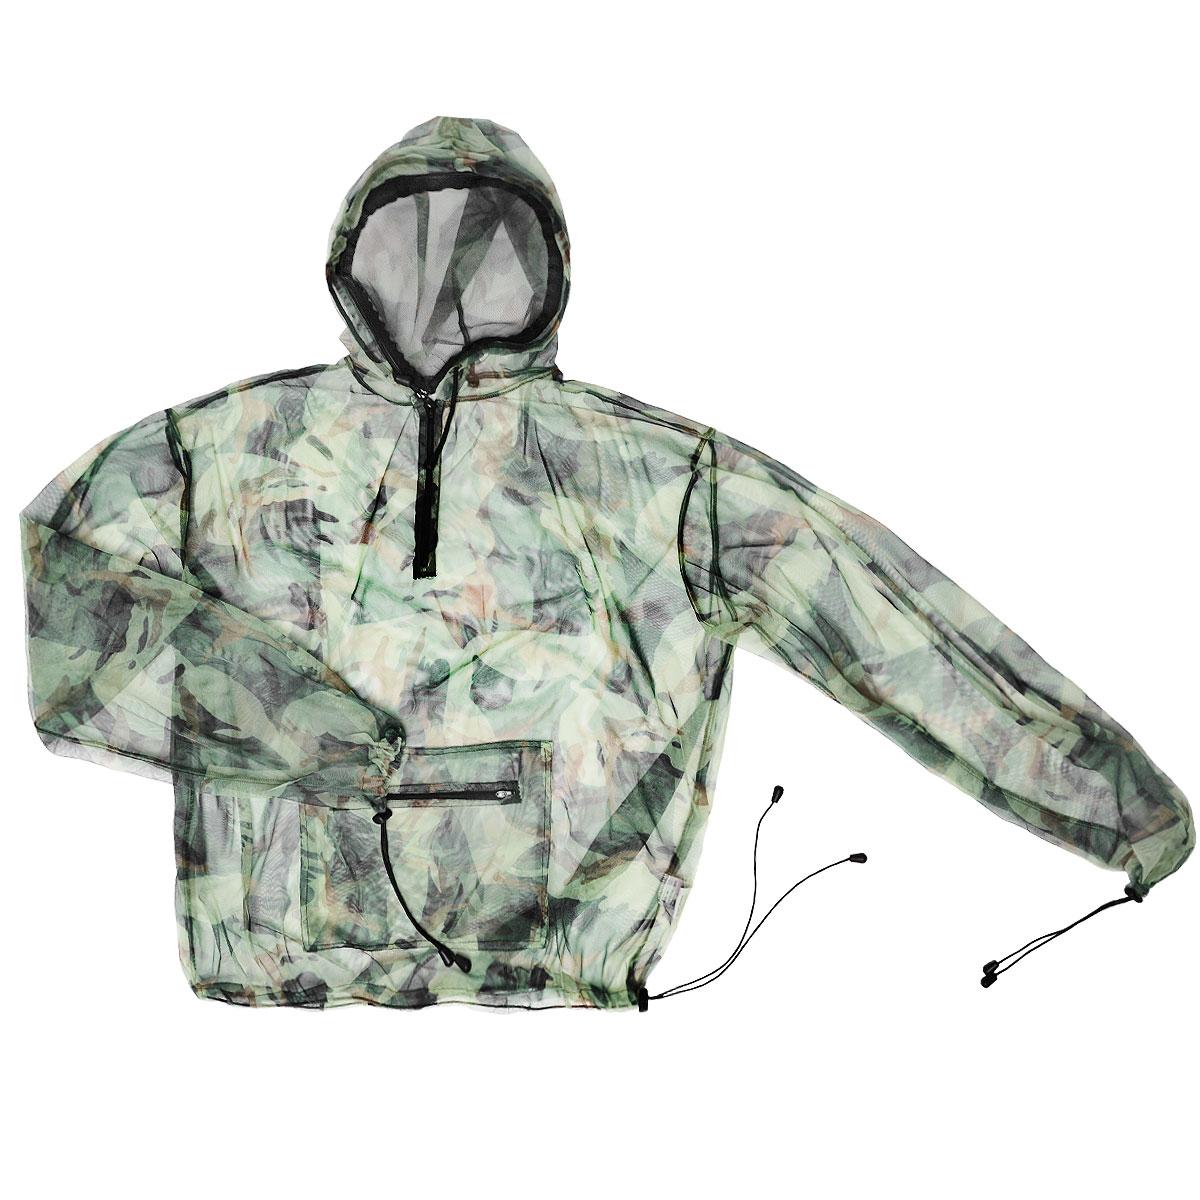 Куртка антимоскитная Salmo, цвет: милитари. 6020. Размер M (46/48)6020Антимоскитная куртка защитит тело и лицо от насекомых. Куртка с капюшоном и длинными рукавами, выполненная из легкой сетки, на груди застегивается на застежку-молнию. Манжеты на рукавах и низ изделия затягиваются при помощи эластичных резинок с фиксаторами. Спереди она дополнена вместительным карманом на застежке-молнии. Капюшон оснащен защитой лица, которую при необходимости можно снять.Особенности модели:Защита тела и лица от насекомых Передняя молния Возможность снятия защиты с лица Манжеты на рукавах Нижняя стяжка куртки с фиксатором.